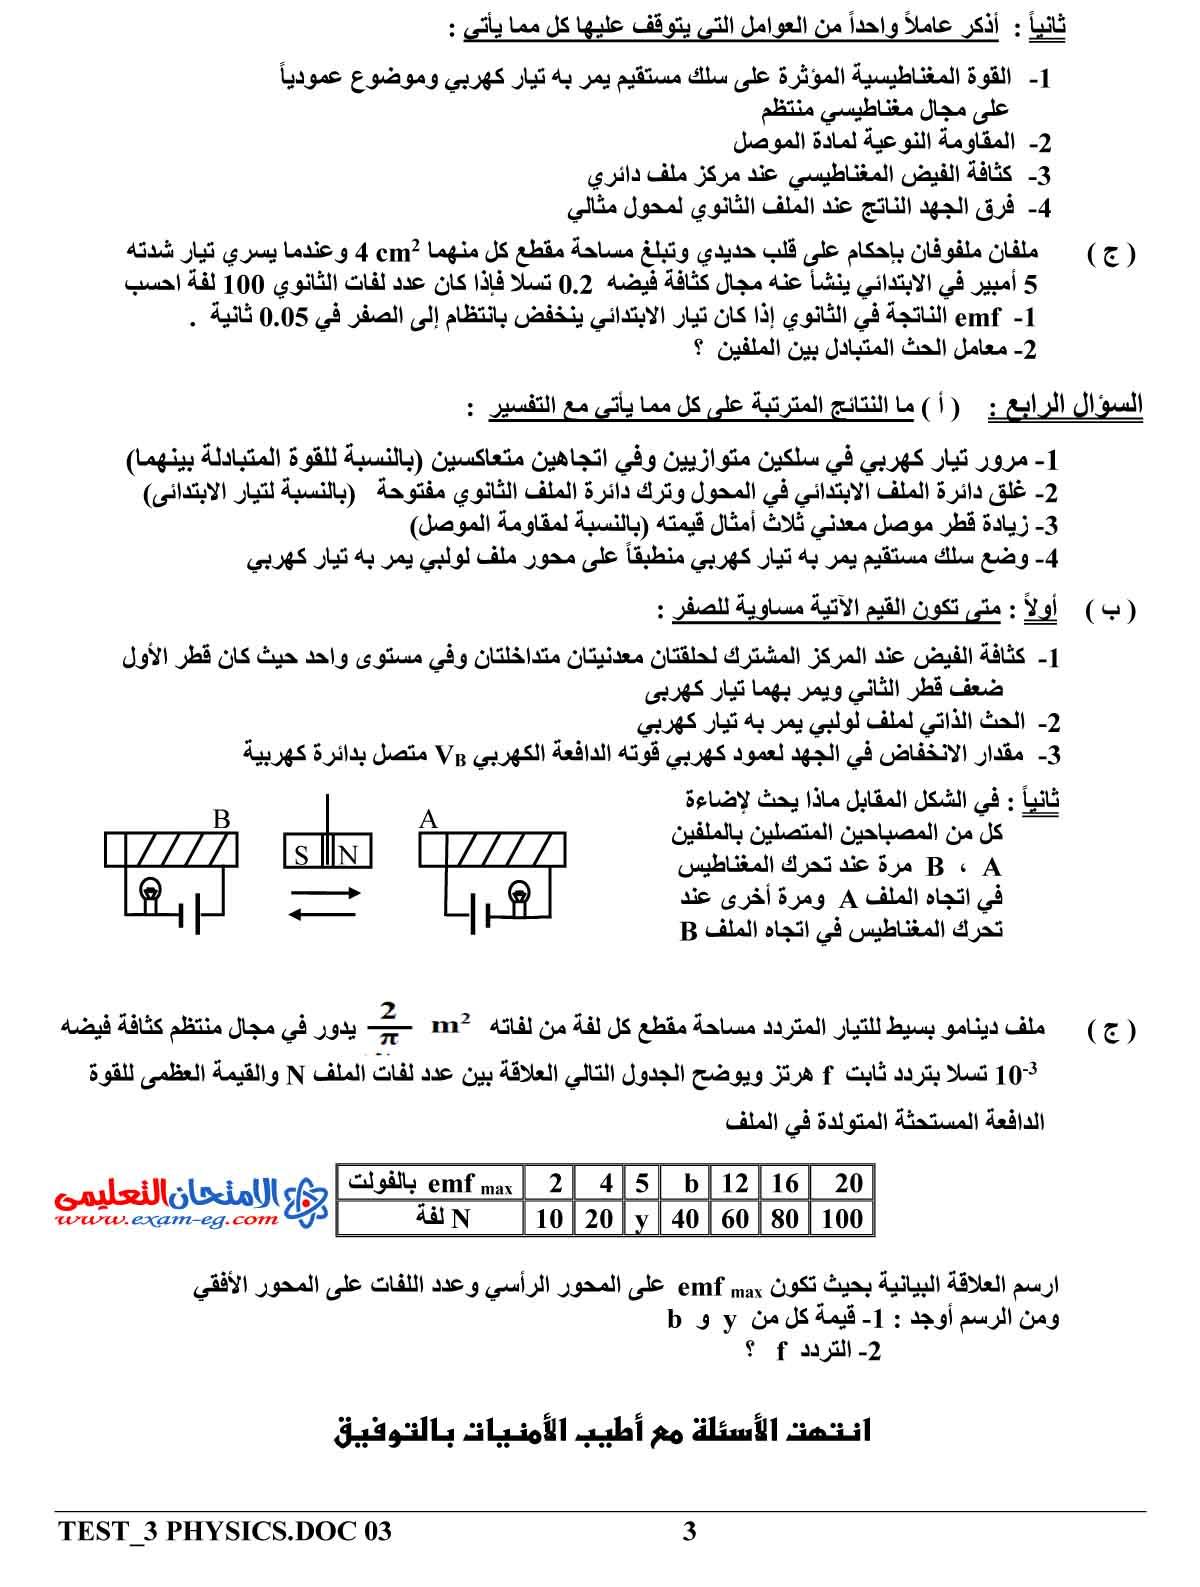 فيزياء 3 - مدرسة اون لاين-4